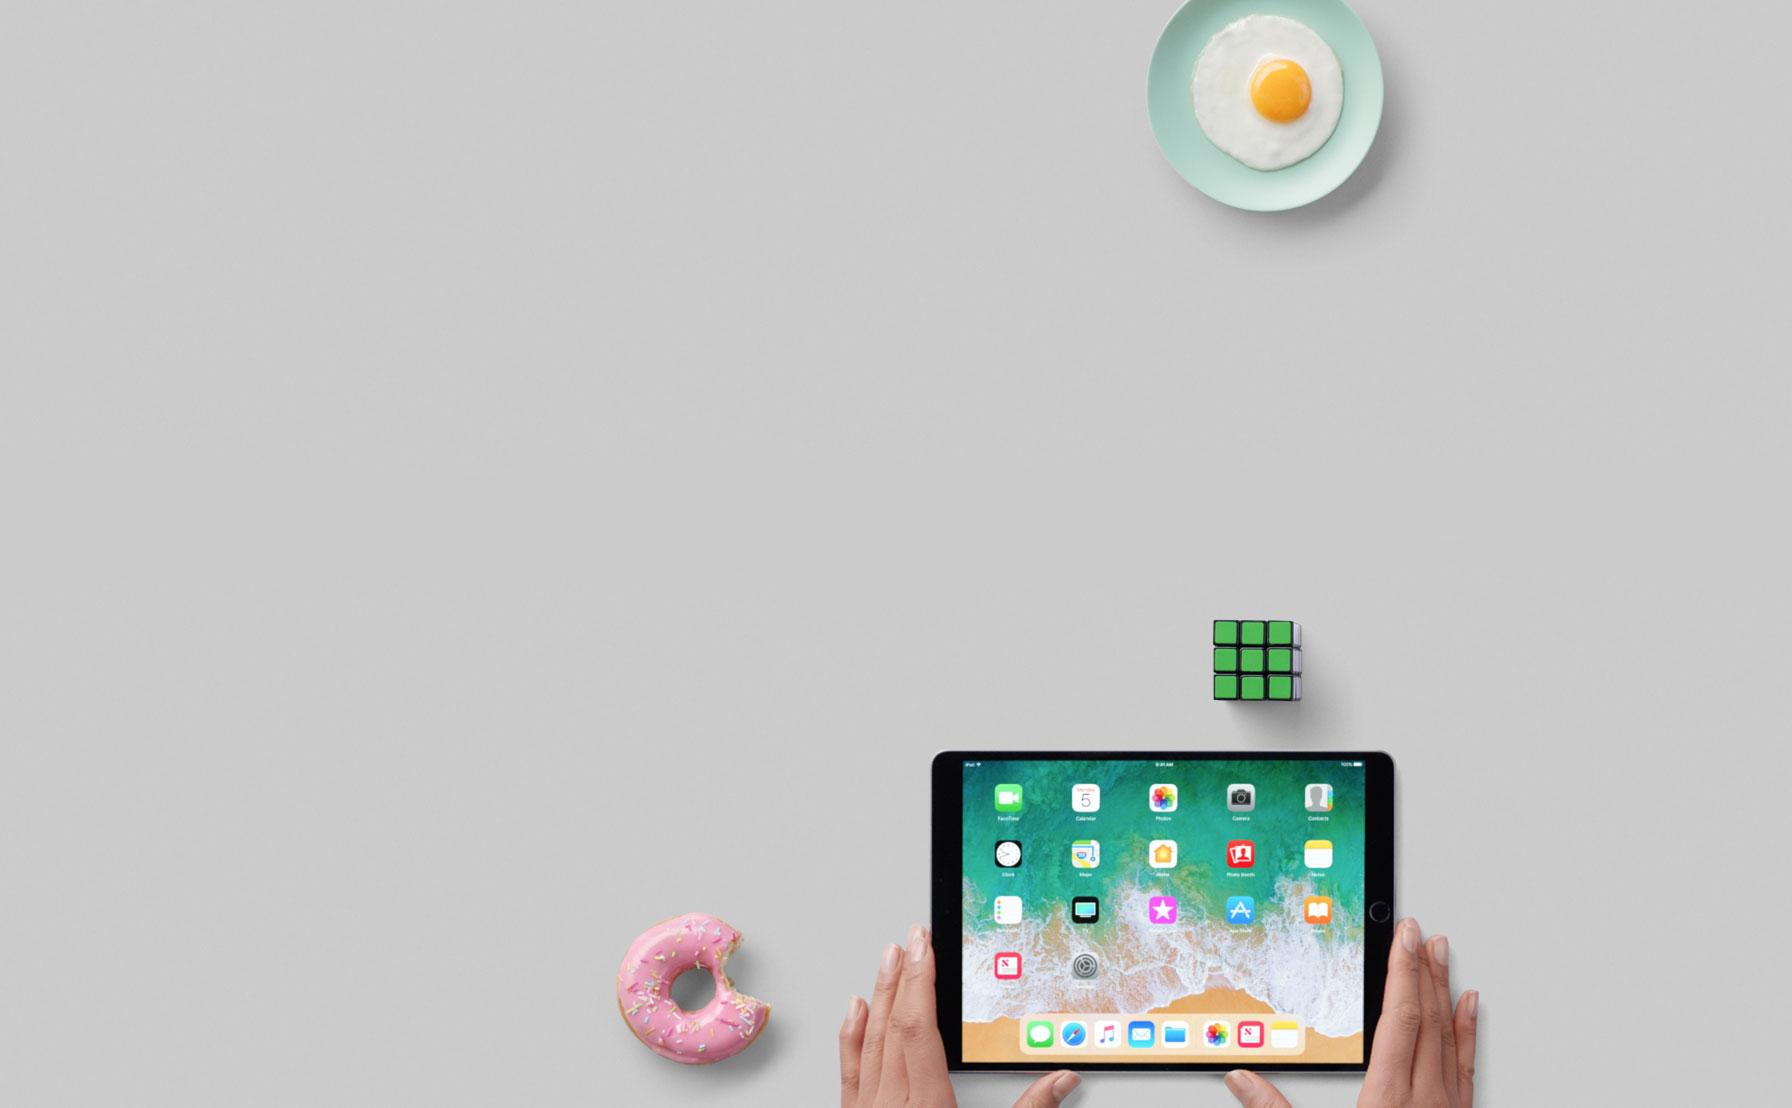 请把2017年赚到的钱存好,这里有份「2018 年苹果新品发布」清单